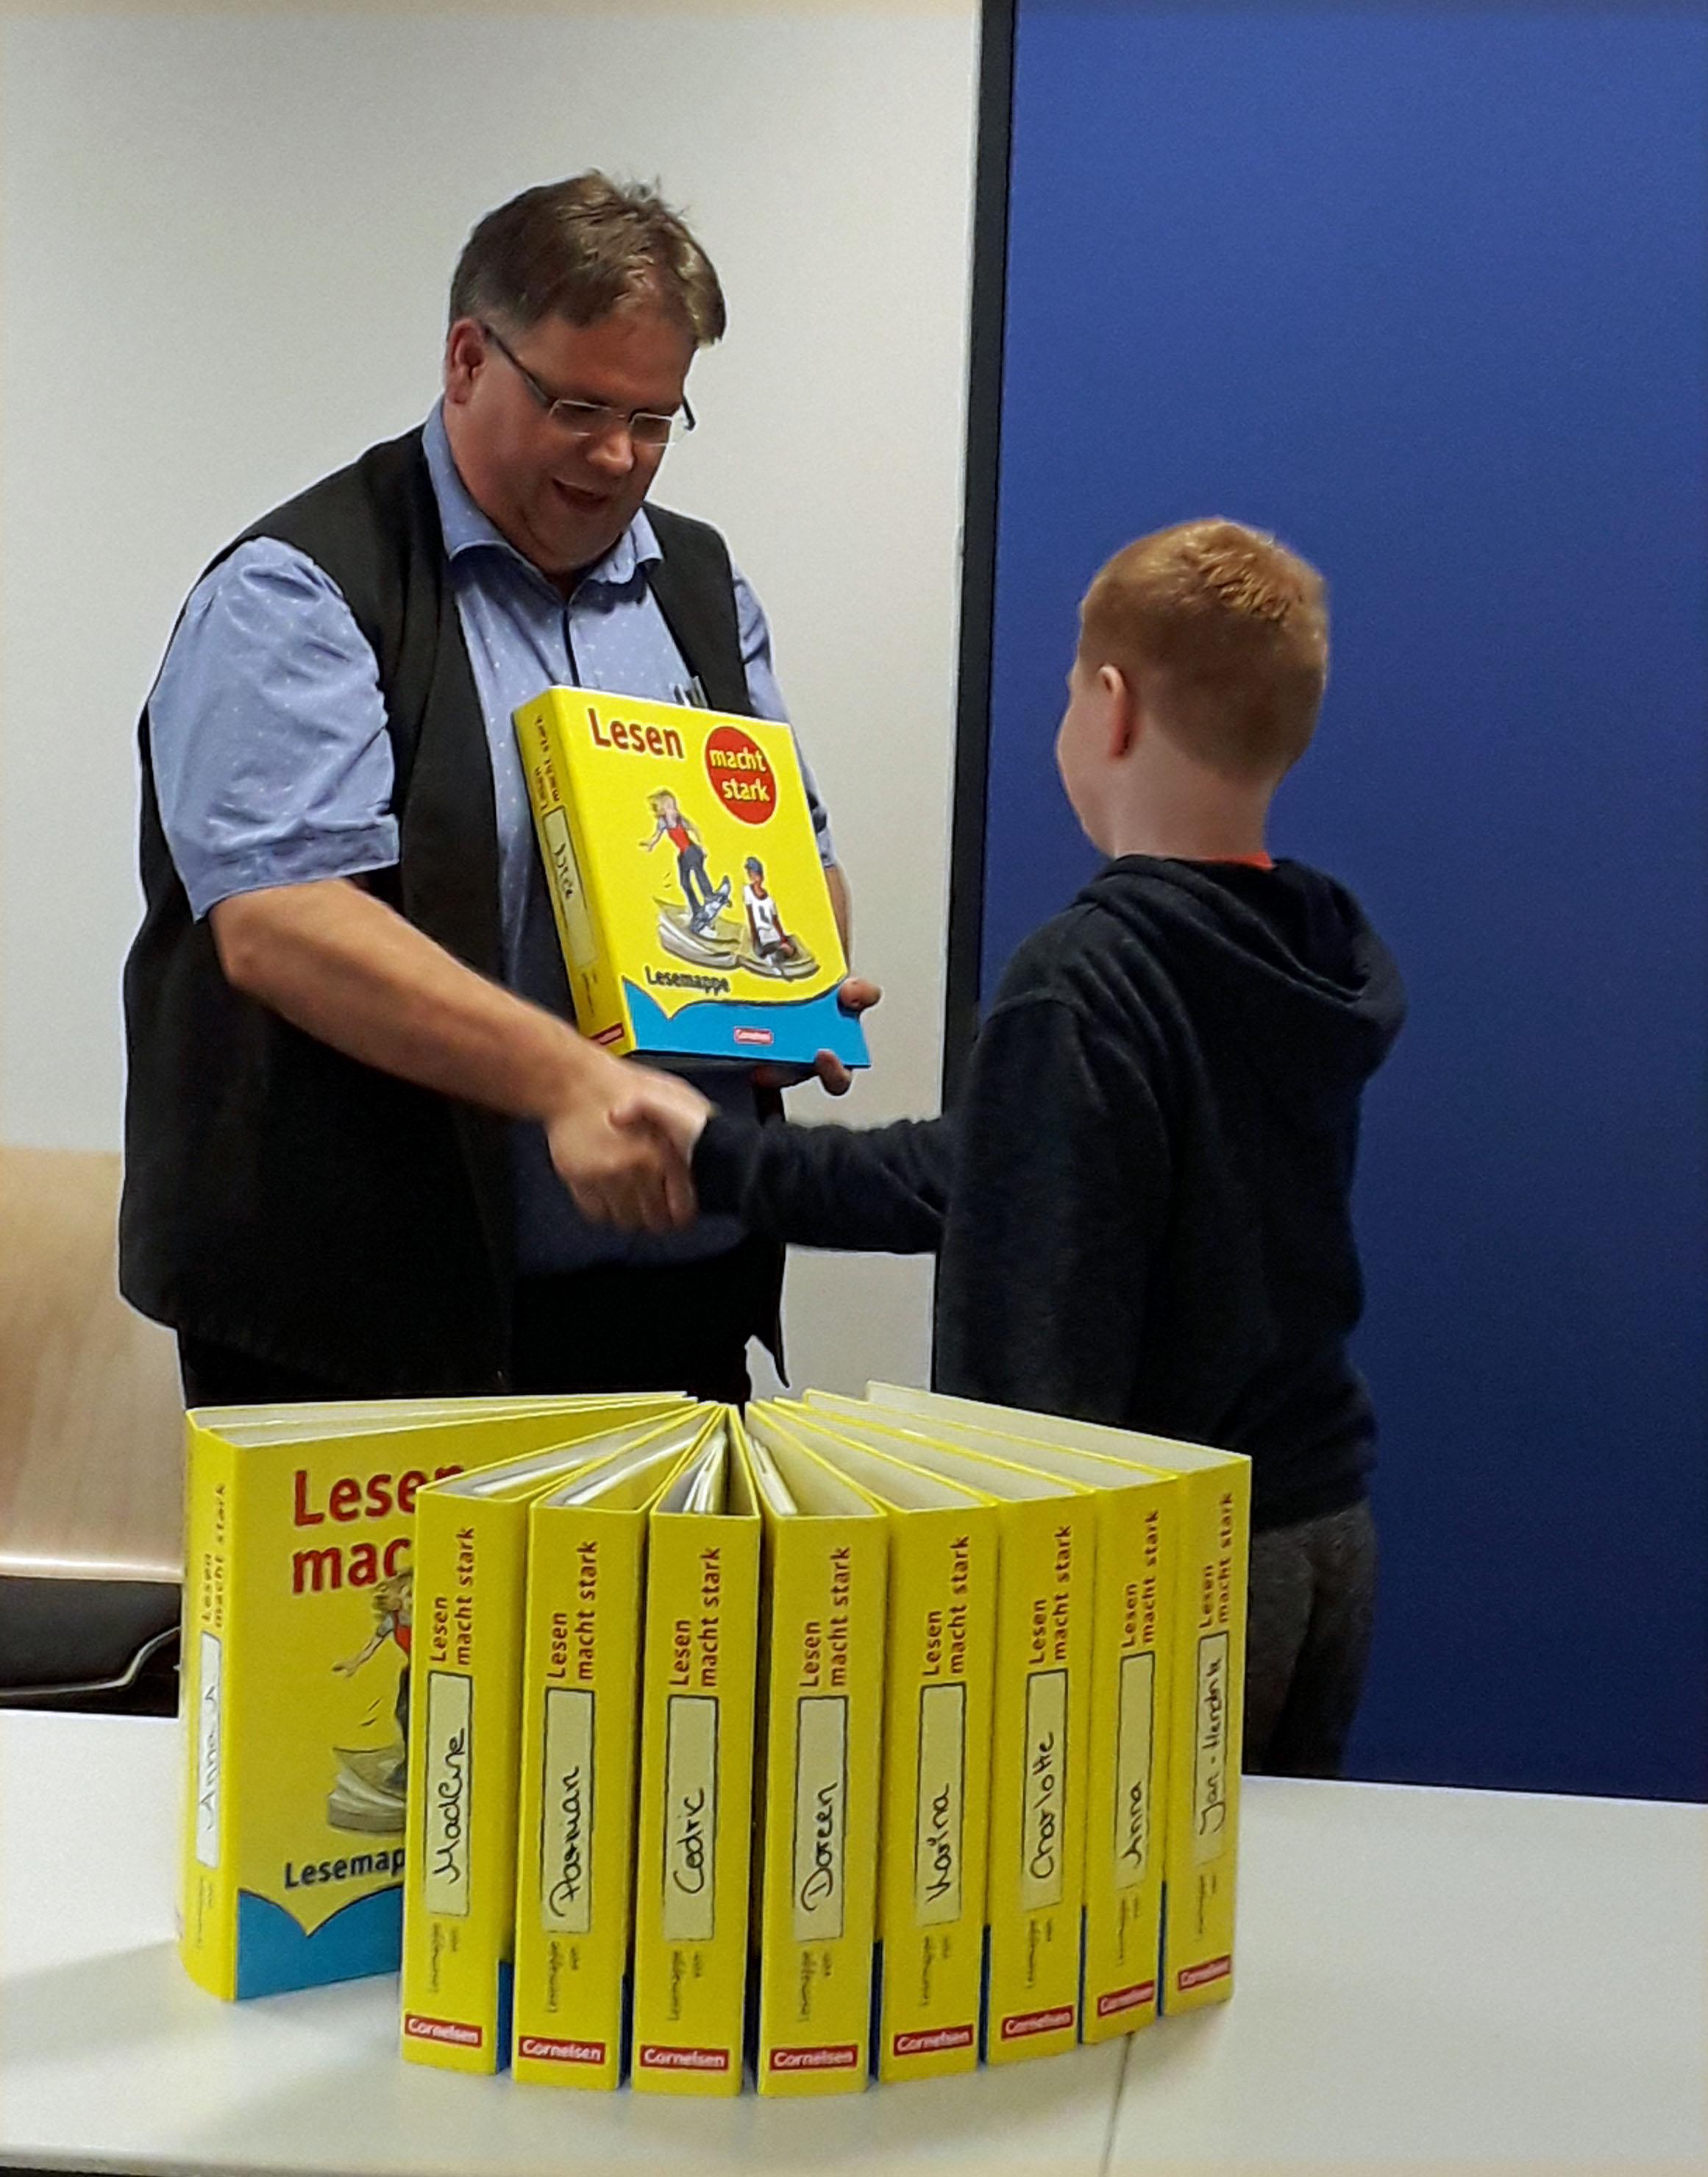 Rektor Sander übergibt einen Leseordner